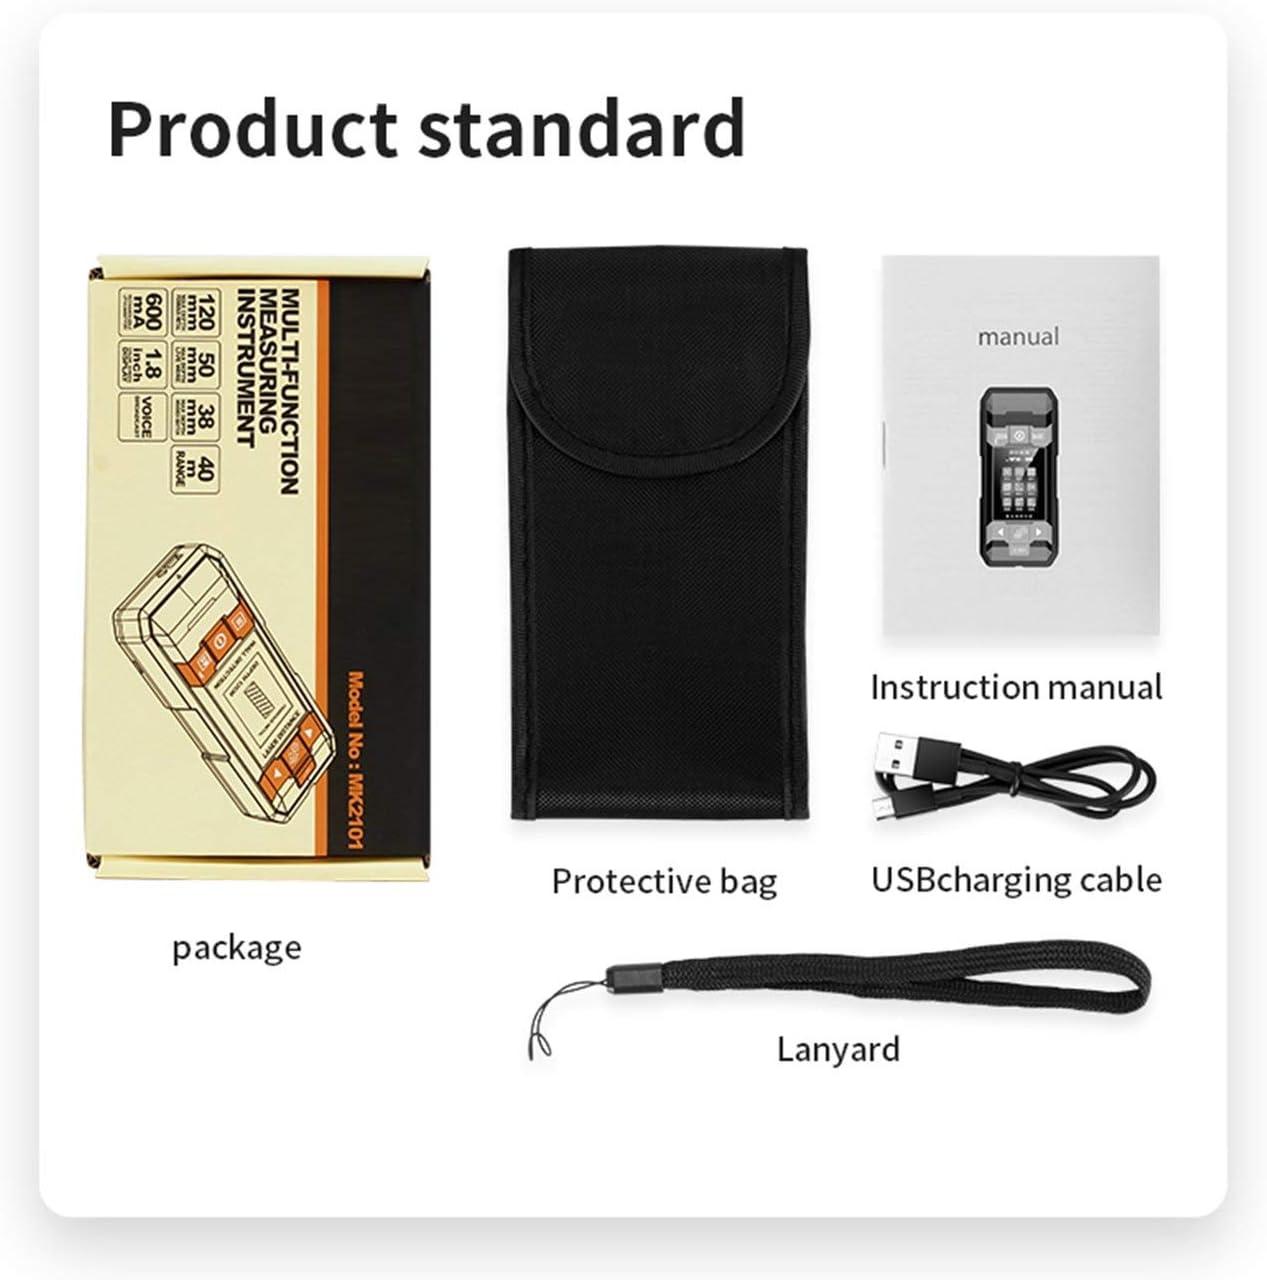 Tree-on-Life Telémetro láser Detector de Metales Nivel automático Medidor de Distancia Análisis electrónico Instrumento de medición Telémetro